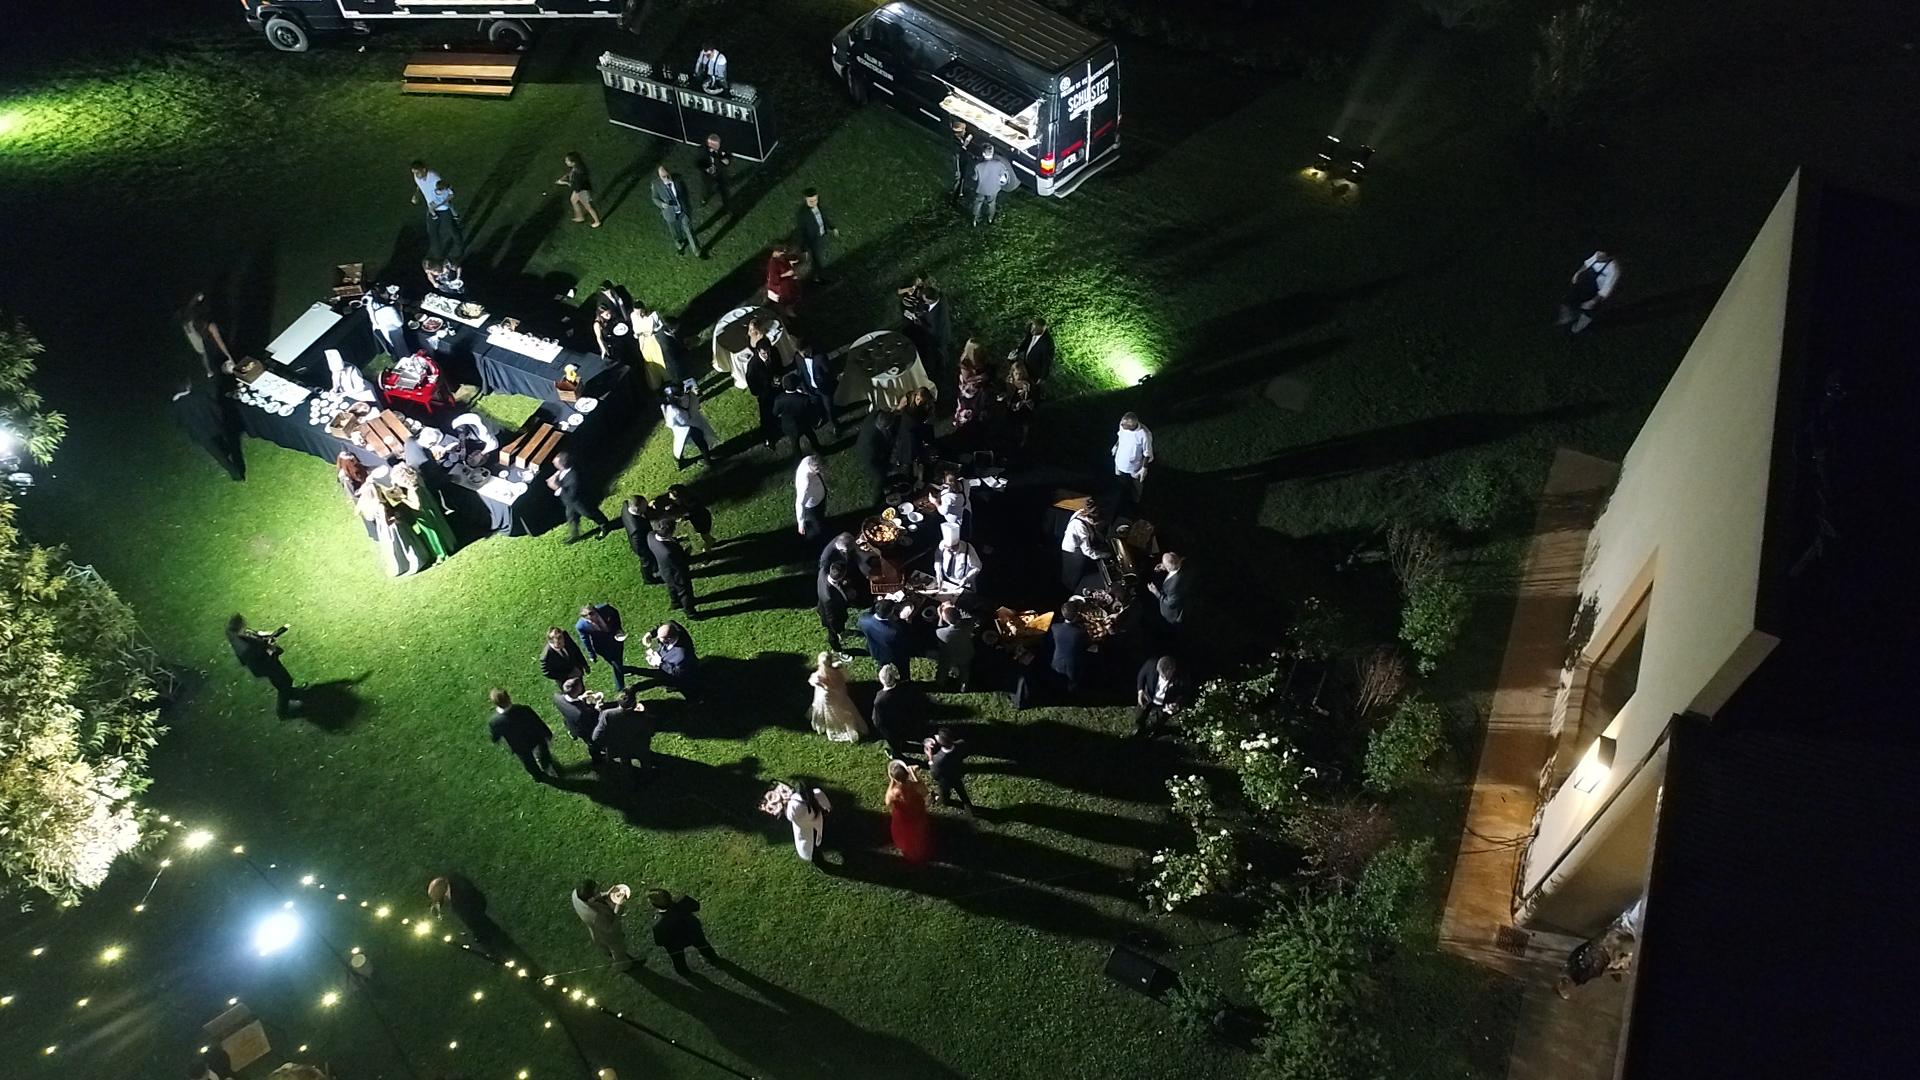 El clima acompañó y los invitados pudieron disfrutar de los jardines del salón